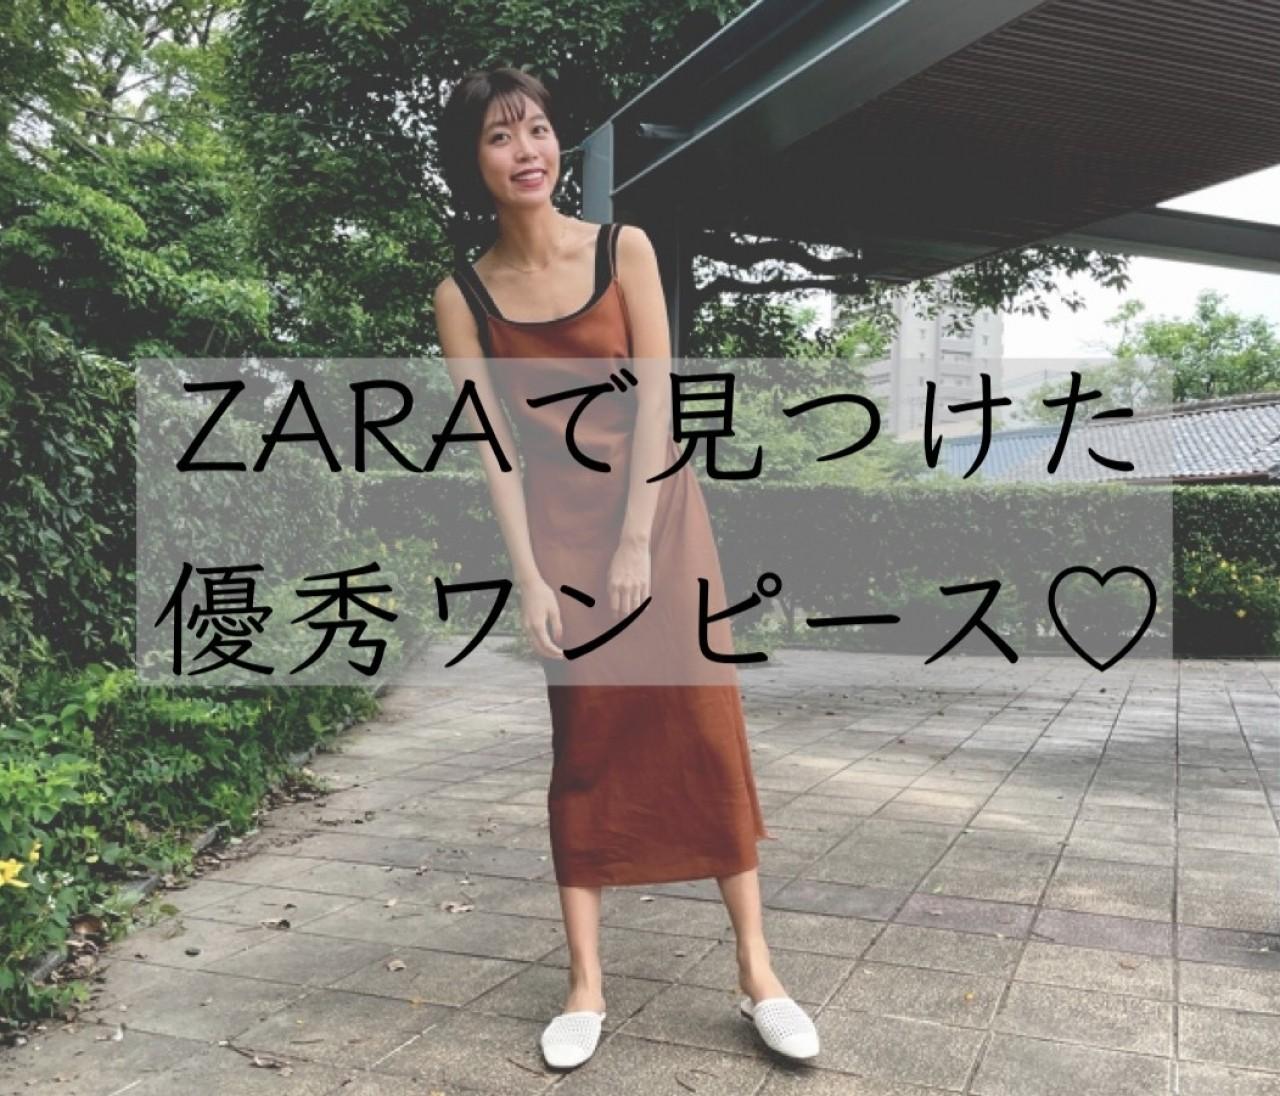 スタイルアップ効果抜群◎ZARAで見つけたおしゃれワンピ♡